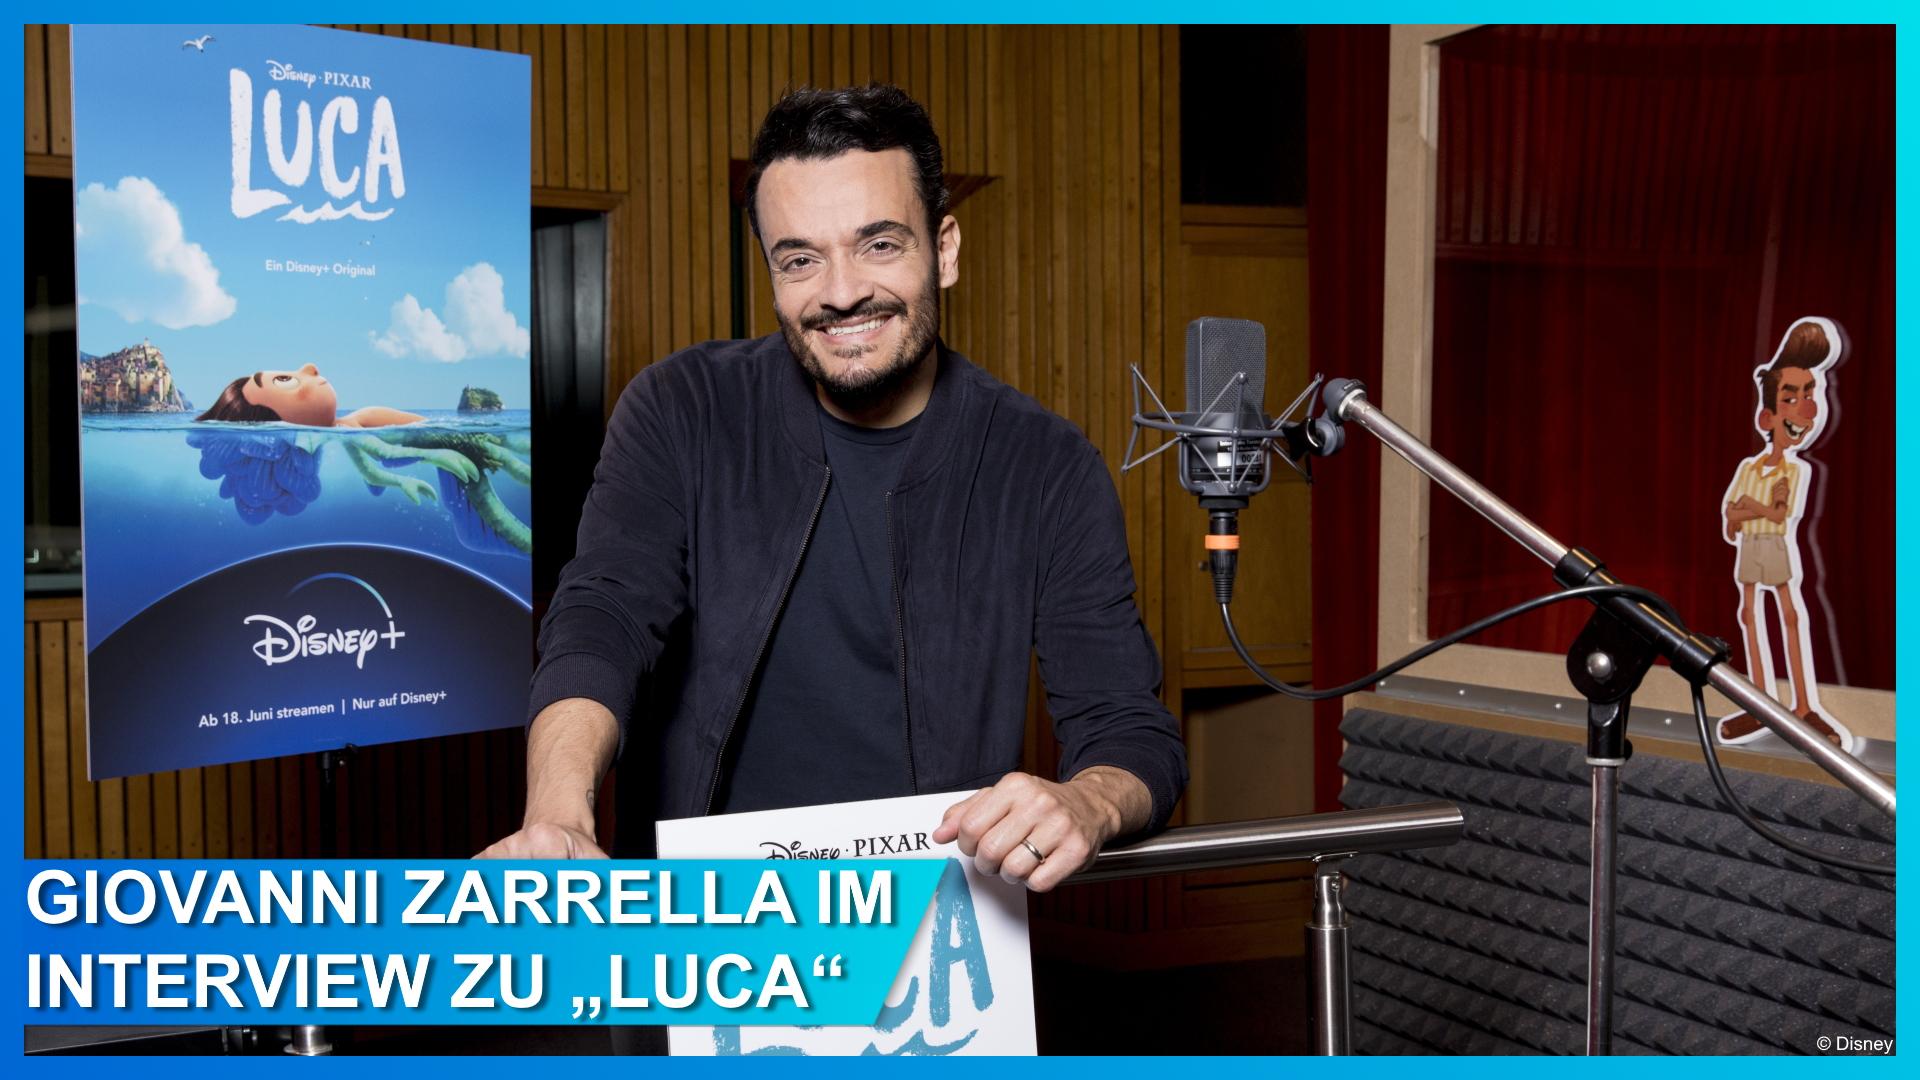 Giovanni Zarrella im Interview über seine Rolle in Disney-Pixars Luca